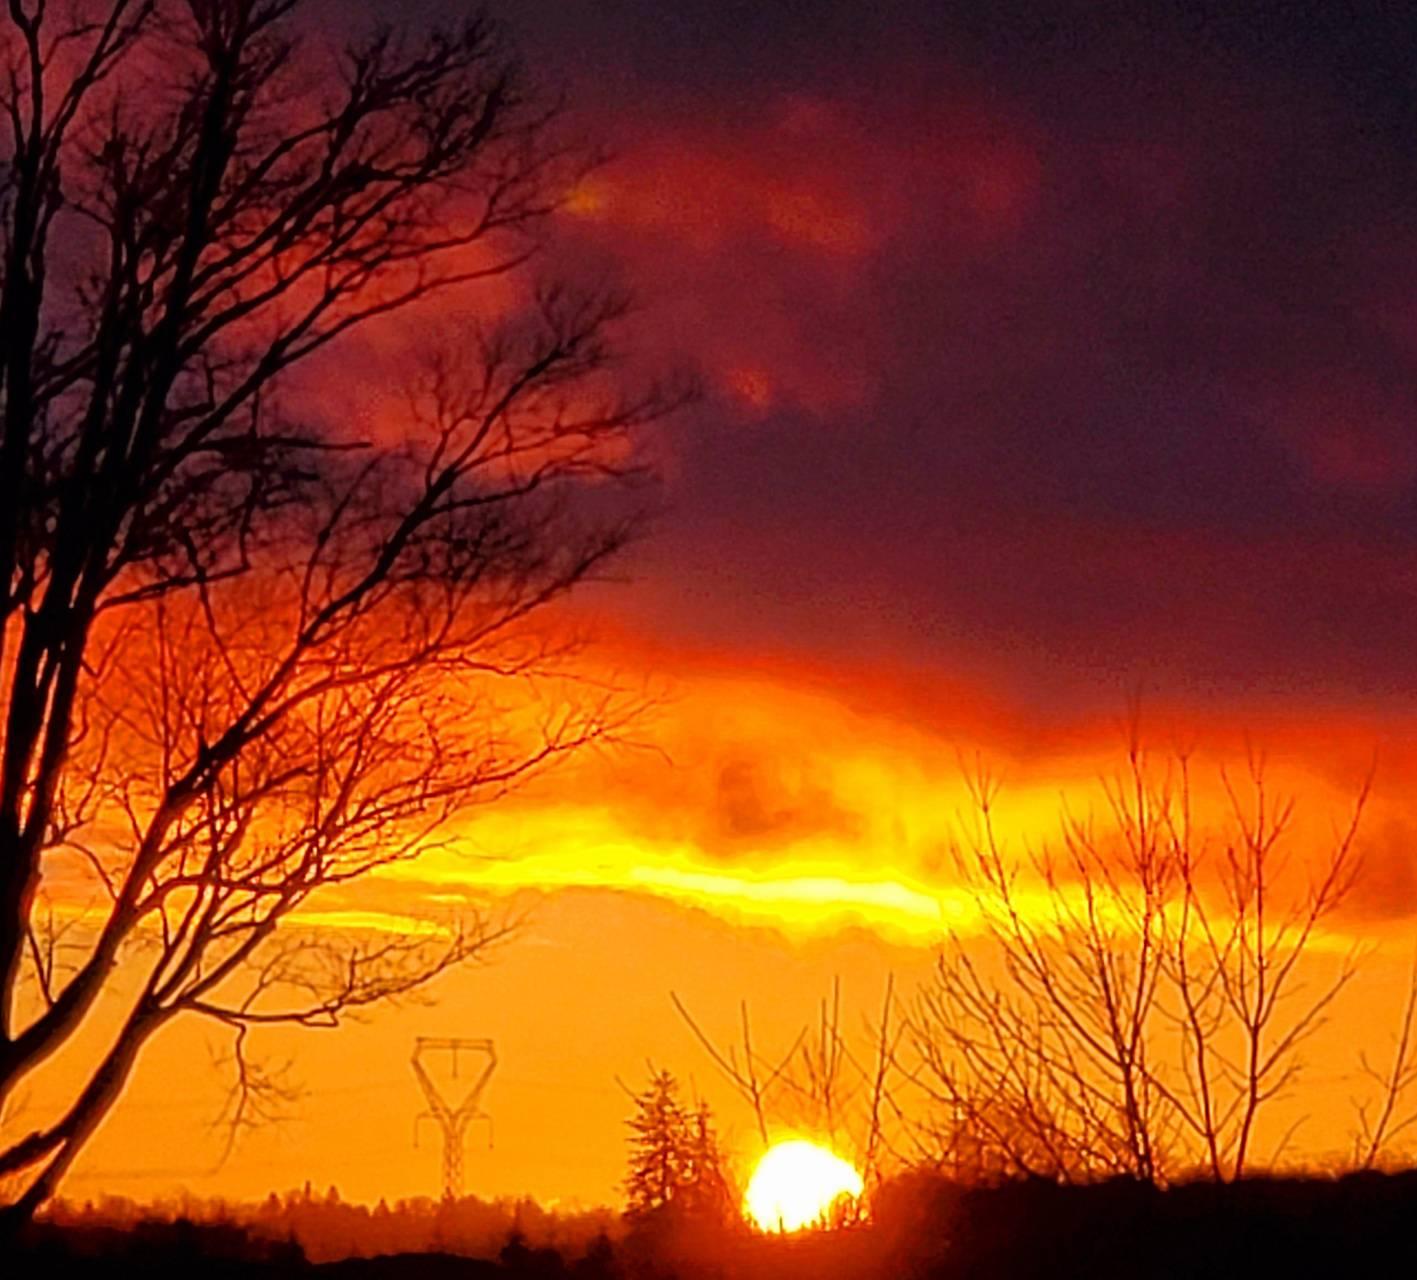 Sky on fire sunrise